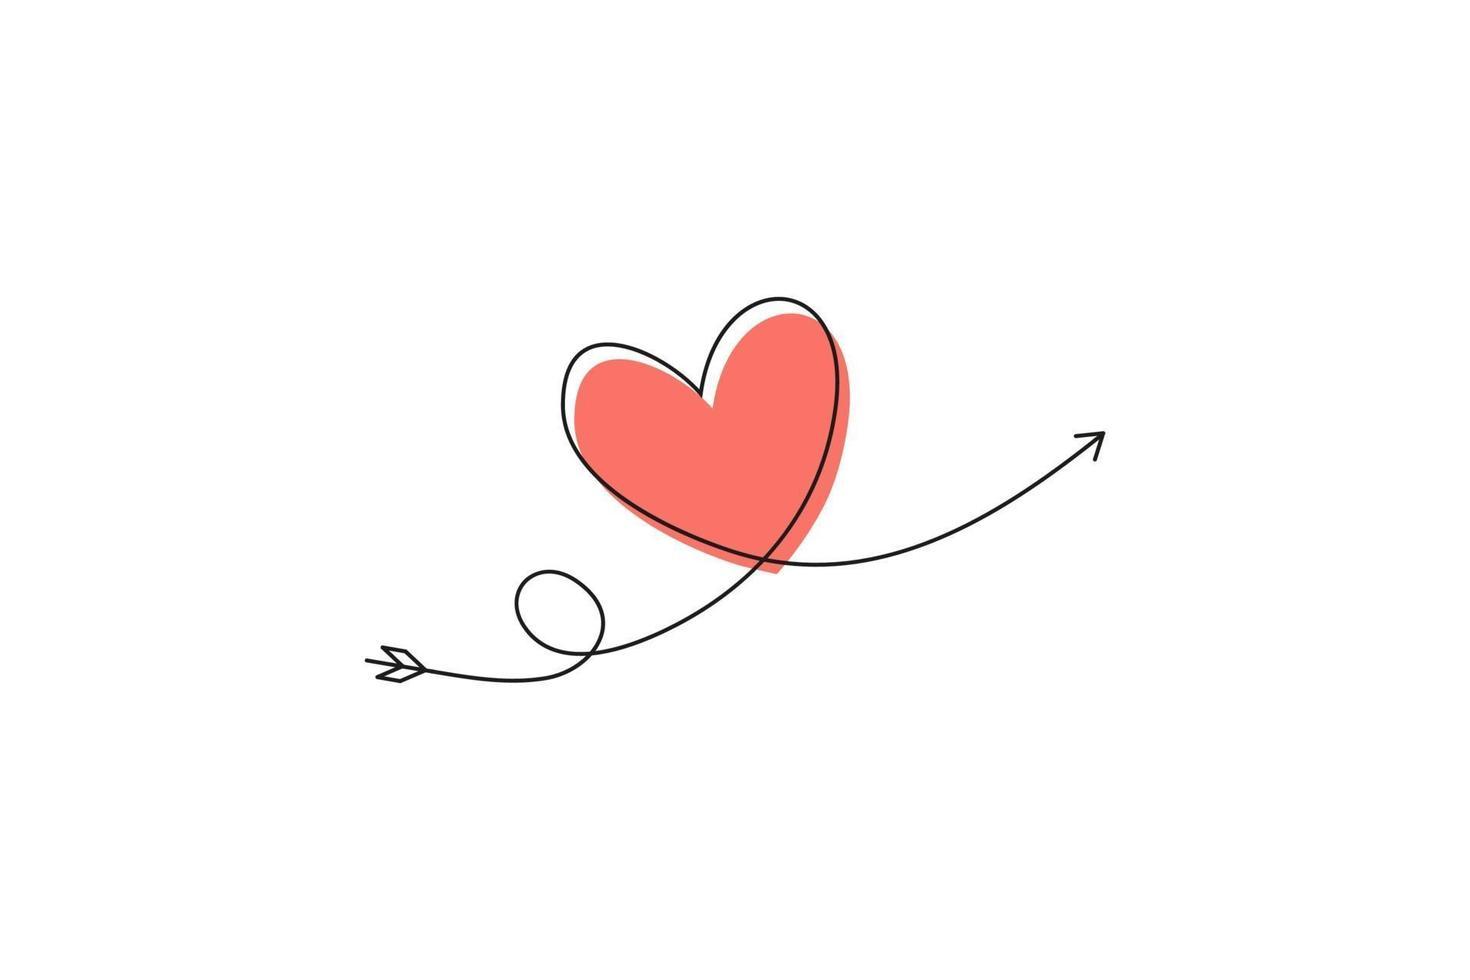 cupido's pijl in de doorlopende lijntekening in de vorm van een hart en de tekst love in een vlakke stijl. doorlopende zwarte lijn. symbool van liefde en tederheid. vector